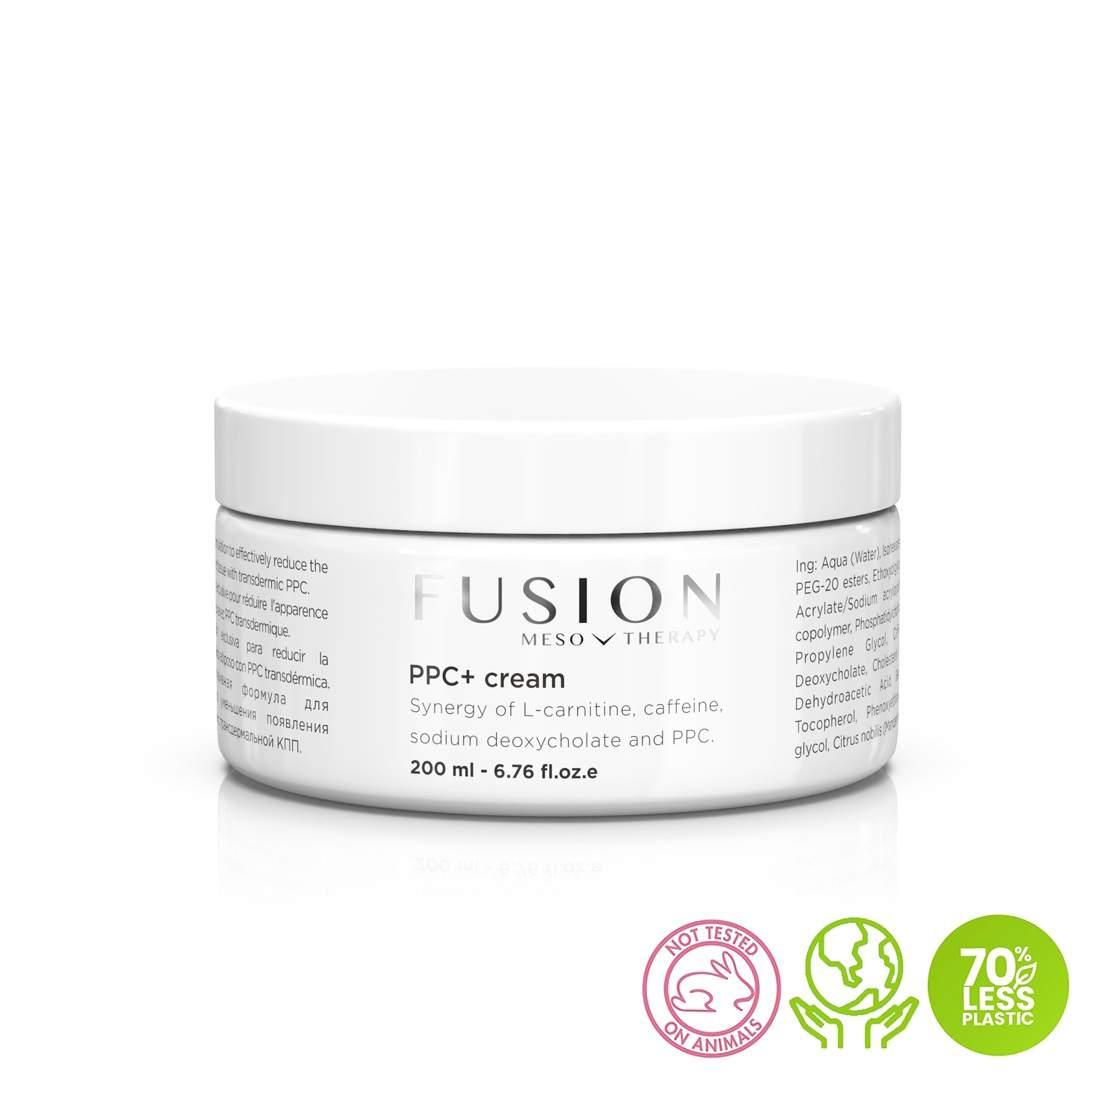 Egyedülálló zsírégető hatású, cellulit elleni krém - FusionMeso PPC+ Cream